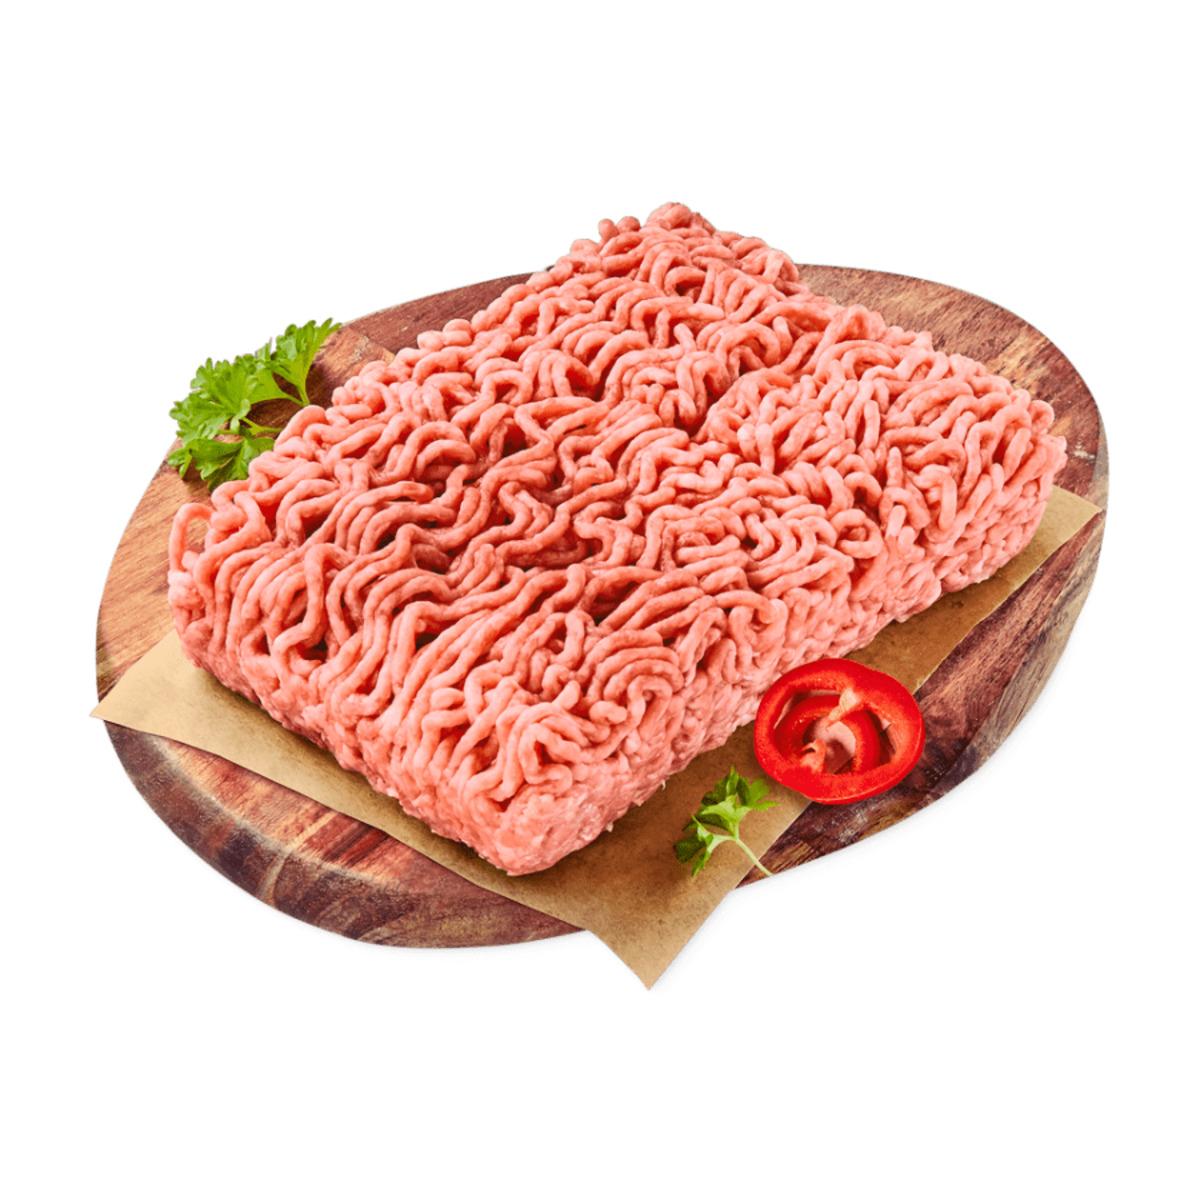 Bild 1 von MEINE METZGEREI     Gemischtes Hackfleisch